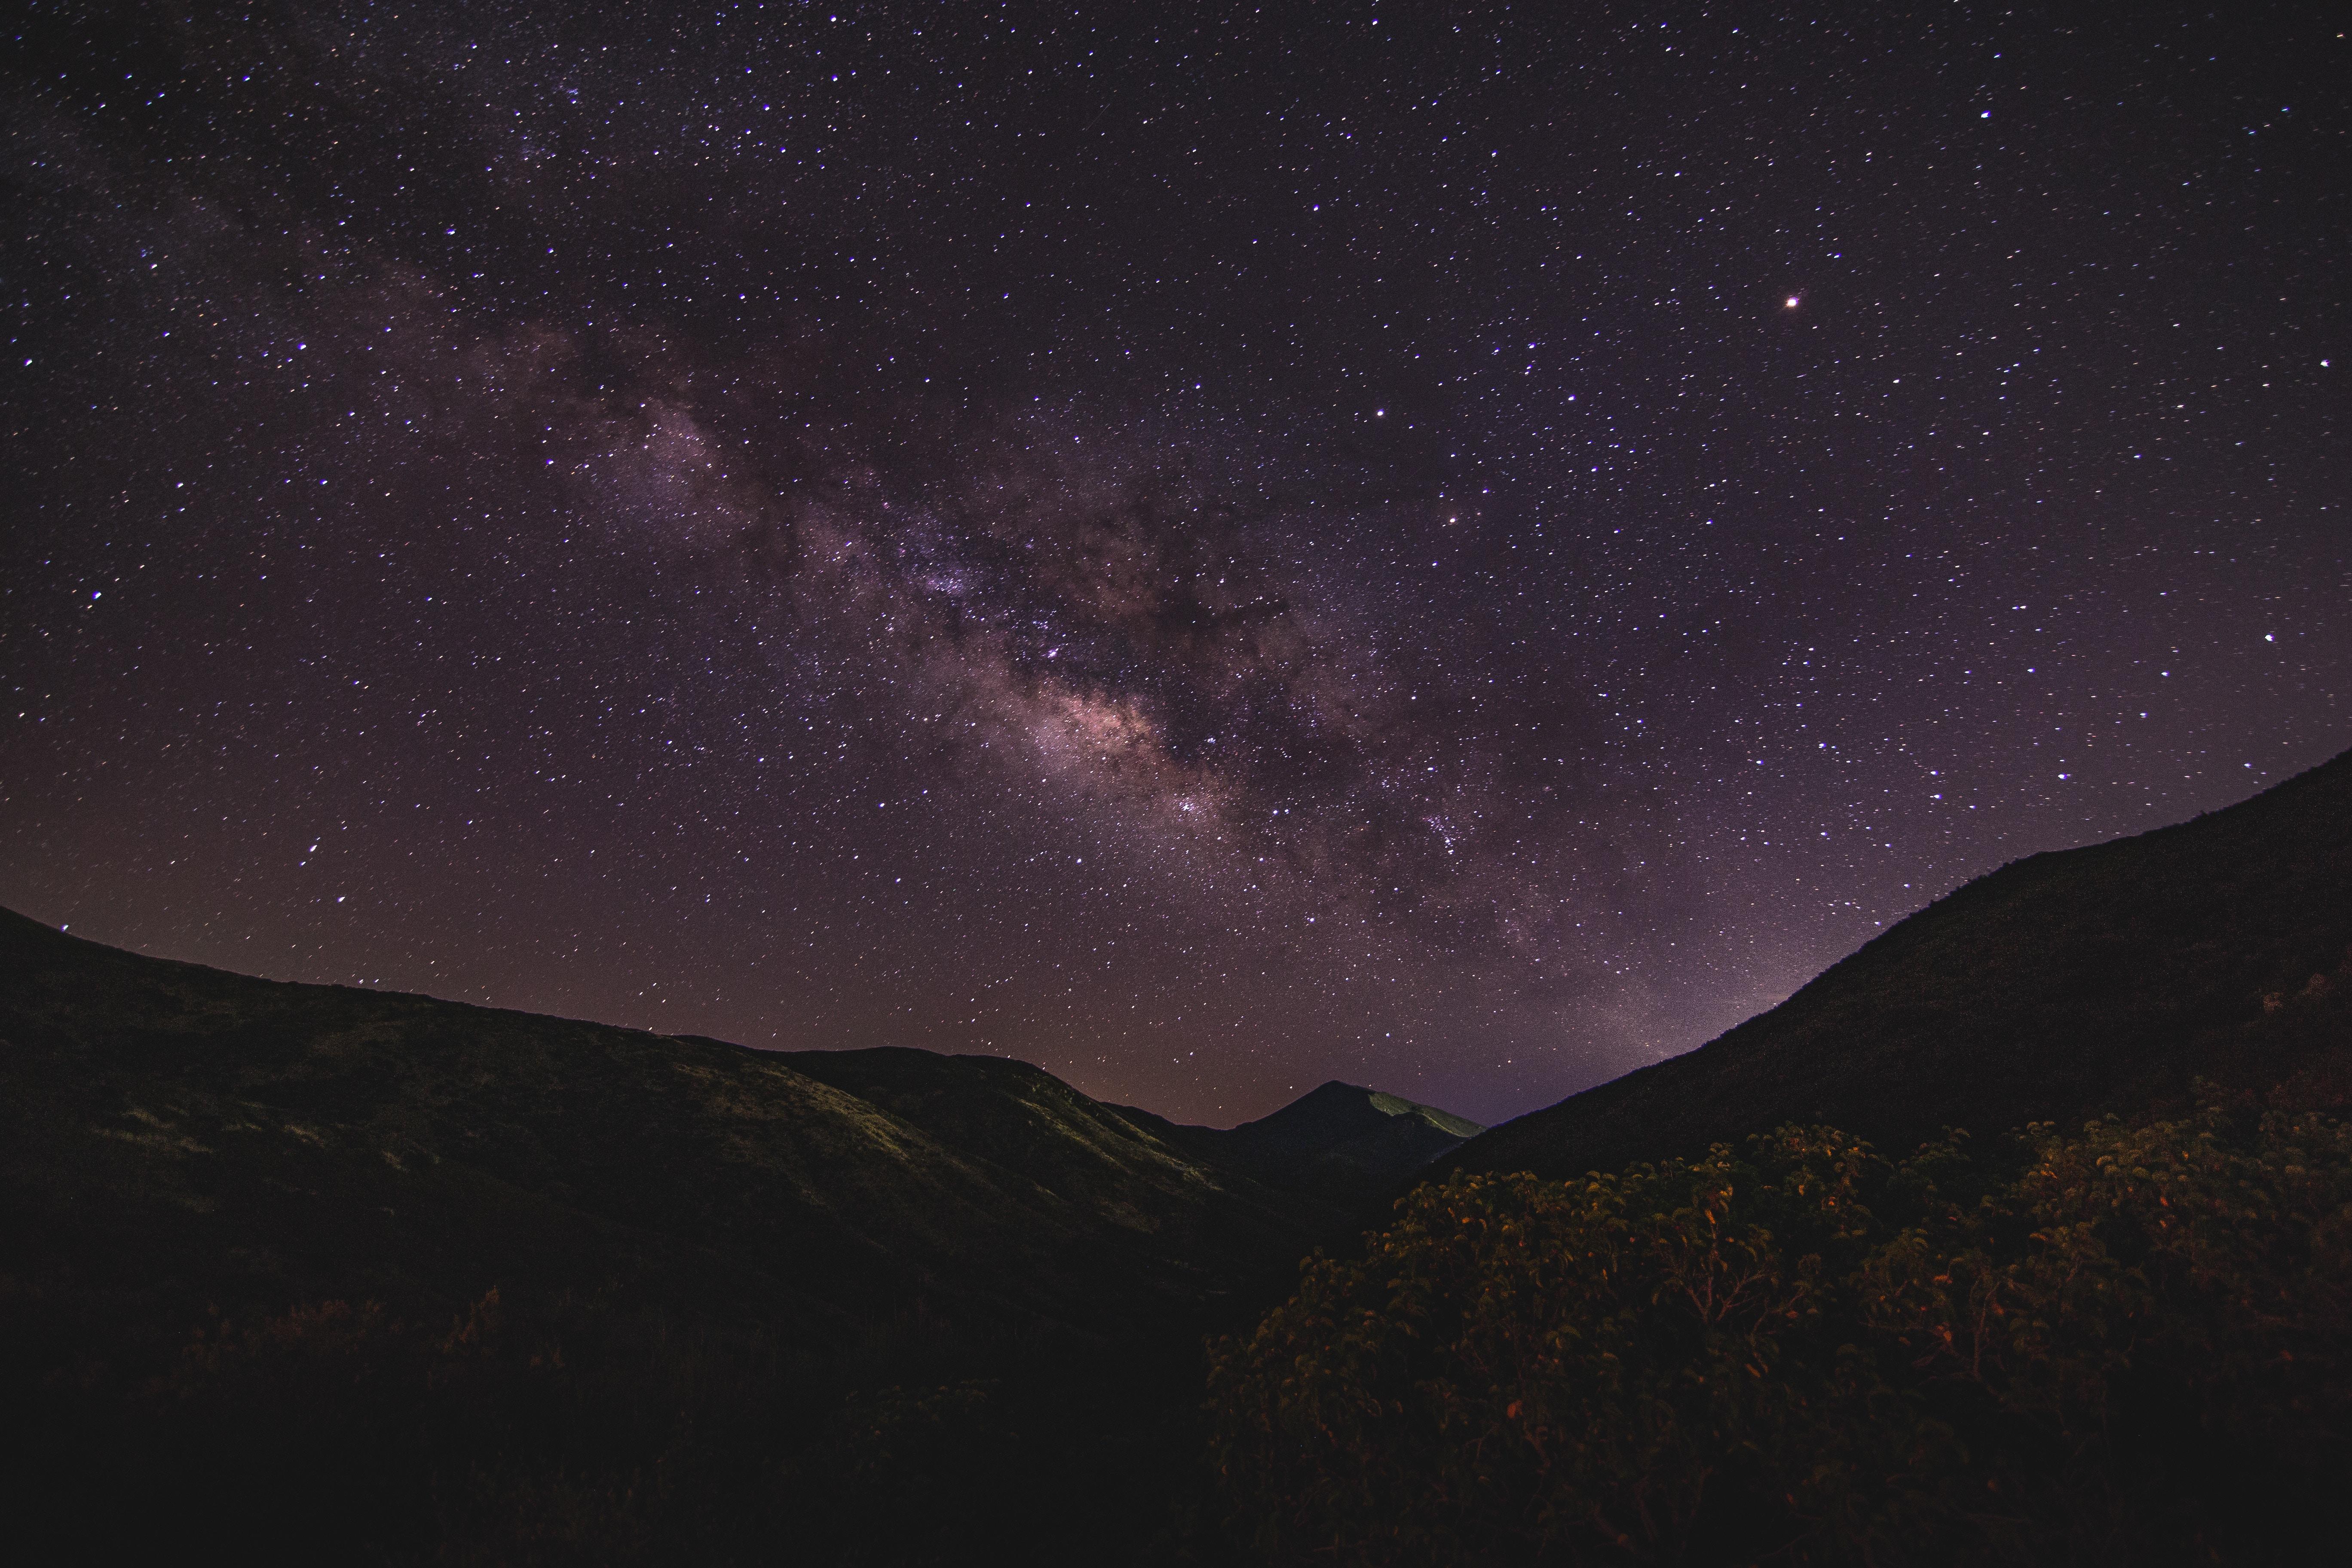 98730壁紙のダウンロード自然, 星空, ナイト, 天の川, 山脈-スクリーンセーバーと写真を無料で